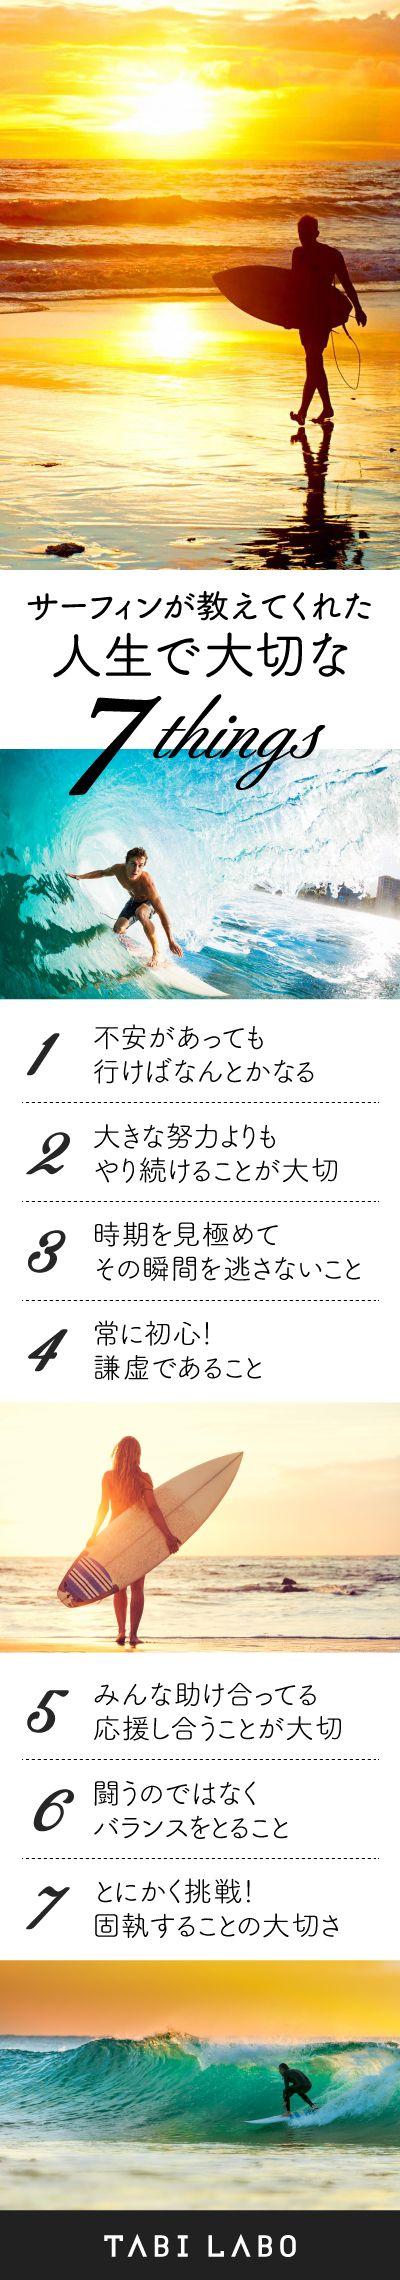 サーフィンが教えてくれた、人生で大切な「7つのコト」Reference:http://www.huffingtonpost.com/elana-miller-md/life-lessons_b_4095029.html